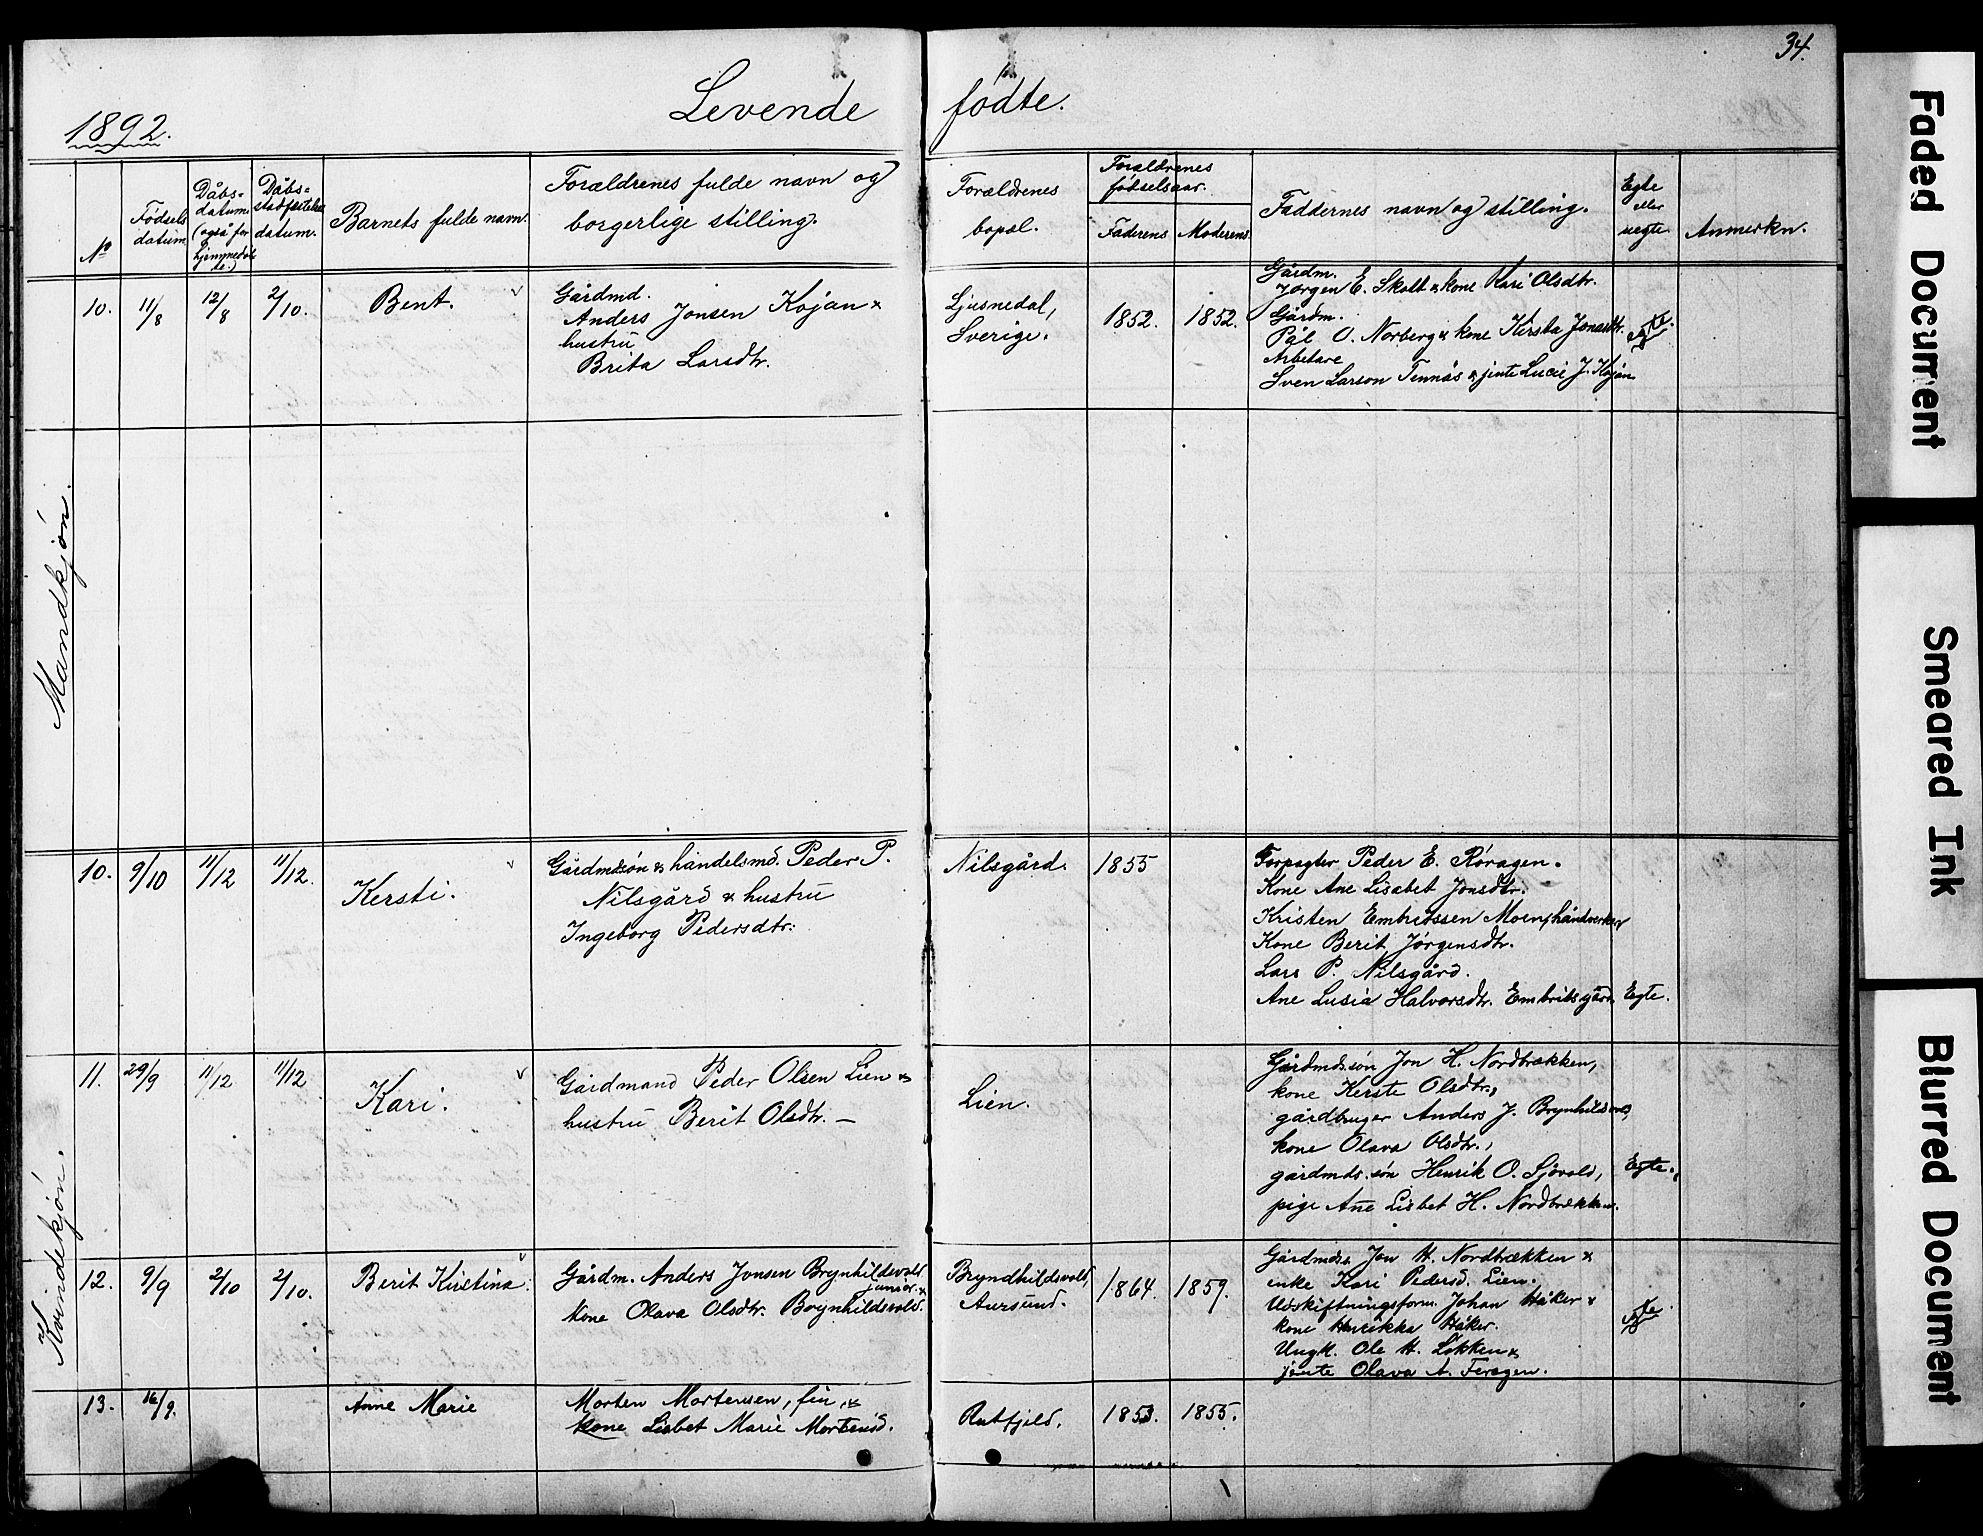 SAT, Ministerialprotokoller, klokkerbøker og fødselsregistre - Sør-Trøndelag, 683/L0949: Klokkerbok nr. 683C01, 1880-1896, s. 34